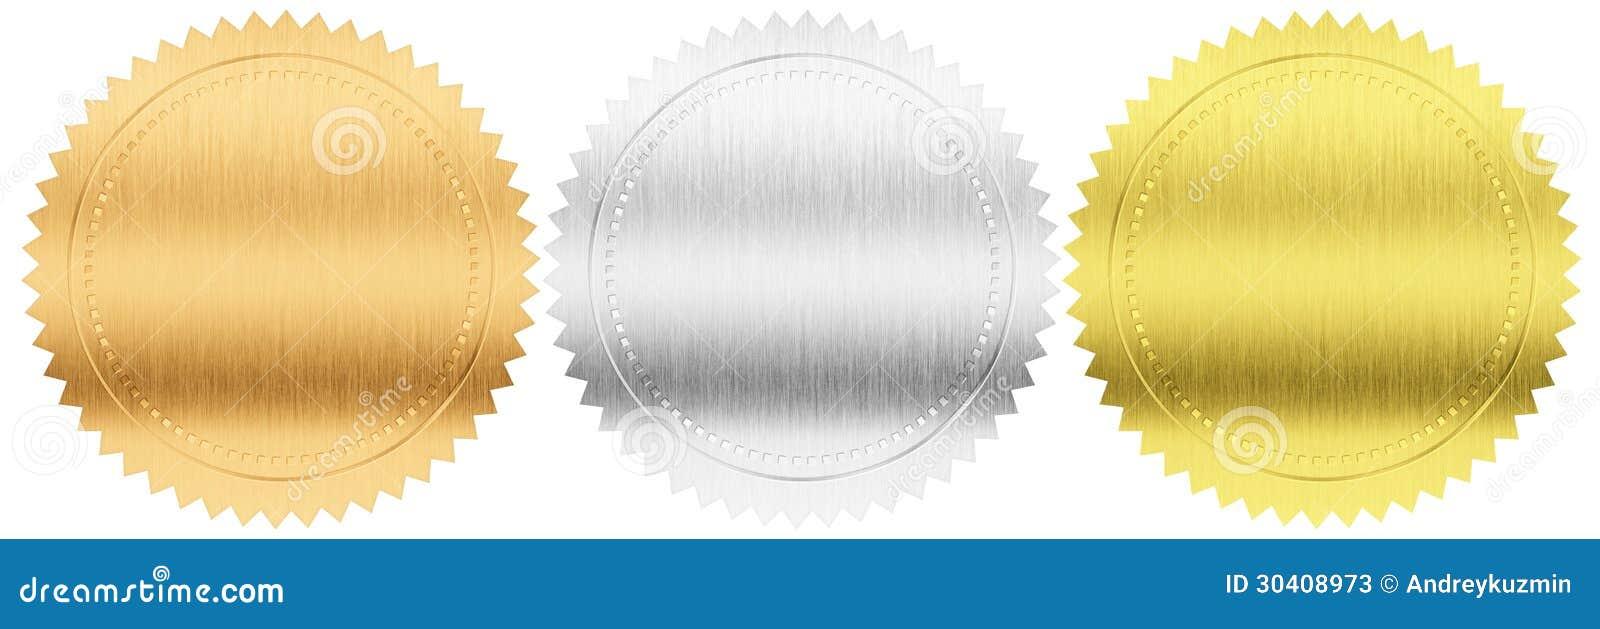 Χρυσός, ασήμι και σφραγίδες ή μετάλλια χαλκού καθορισμένα απομονωμένες